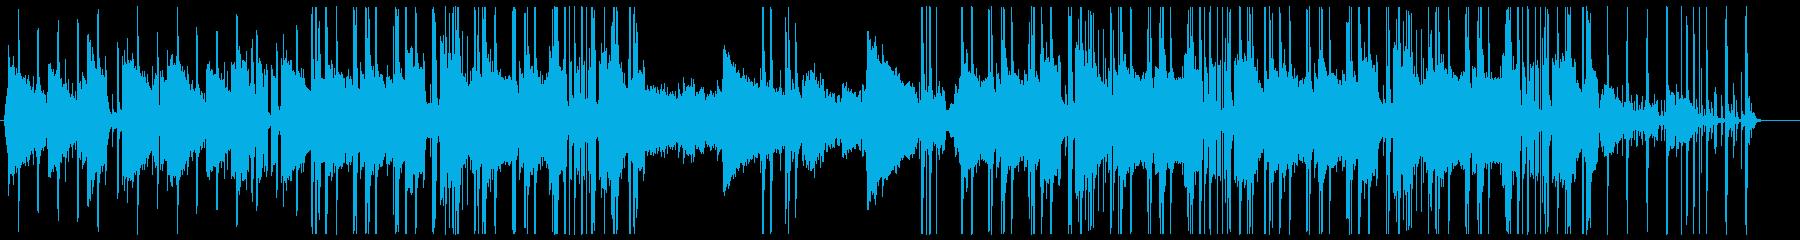 メロウなエレピヒップホップの再生済みの波形